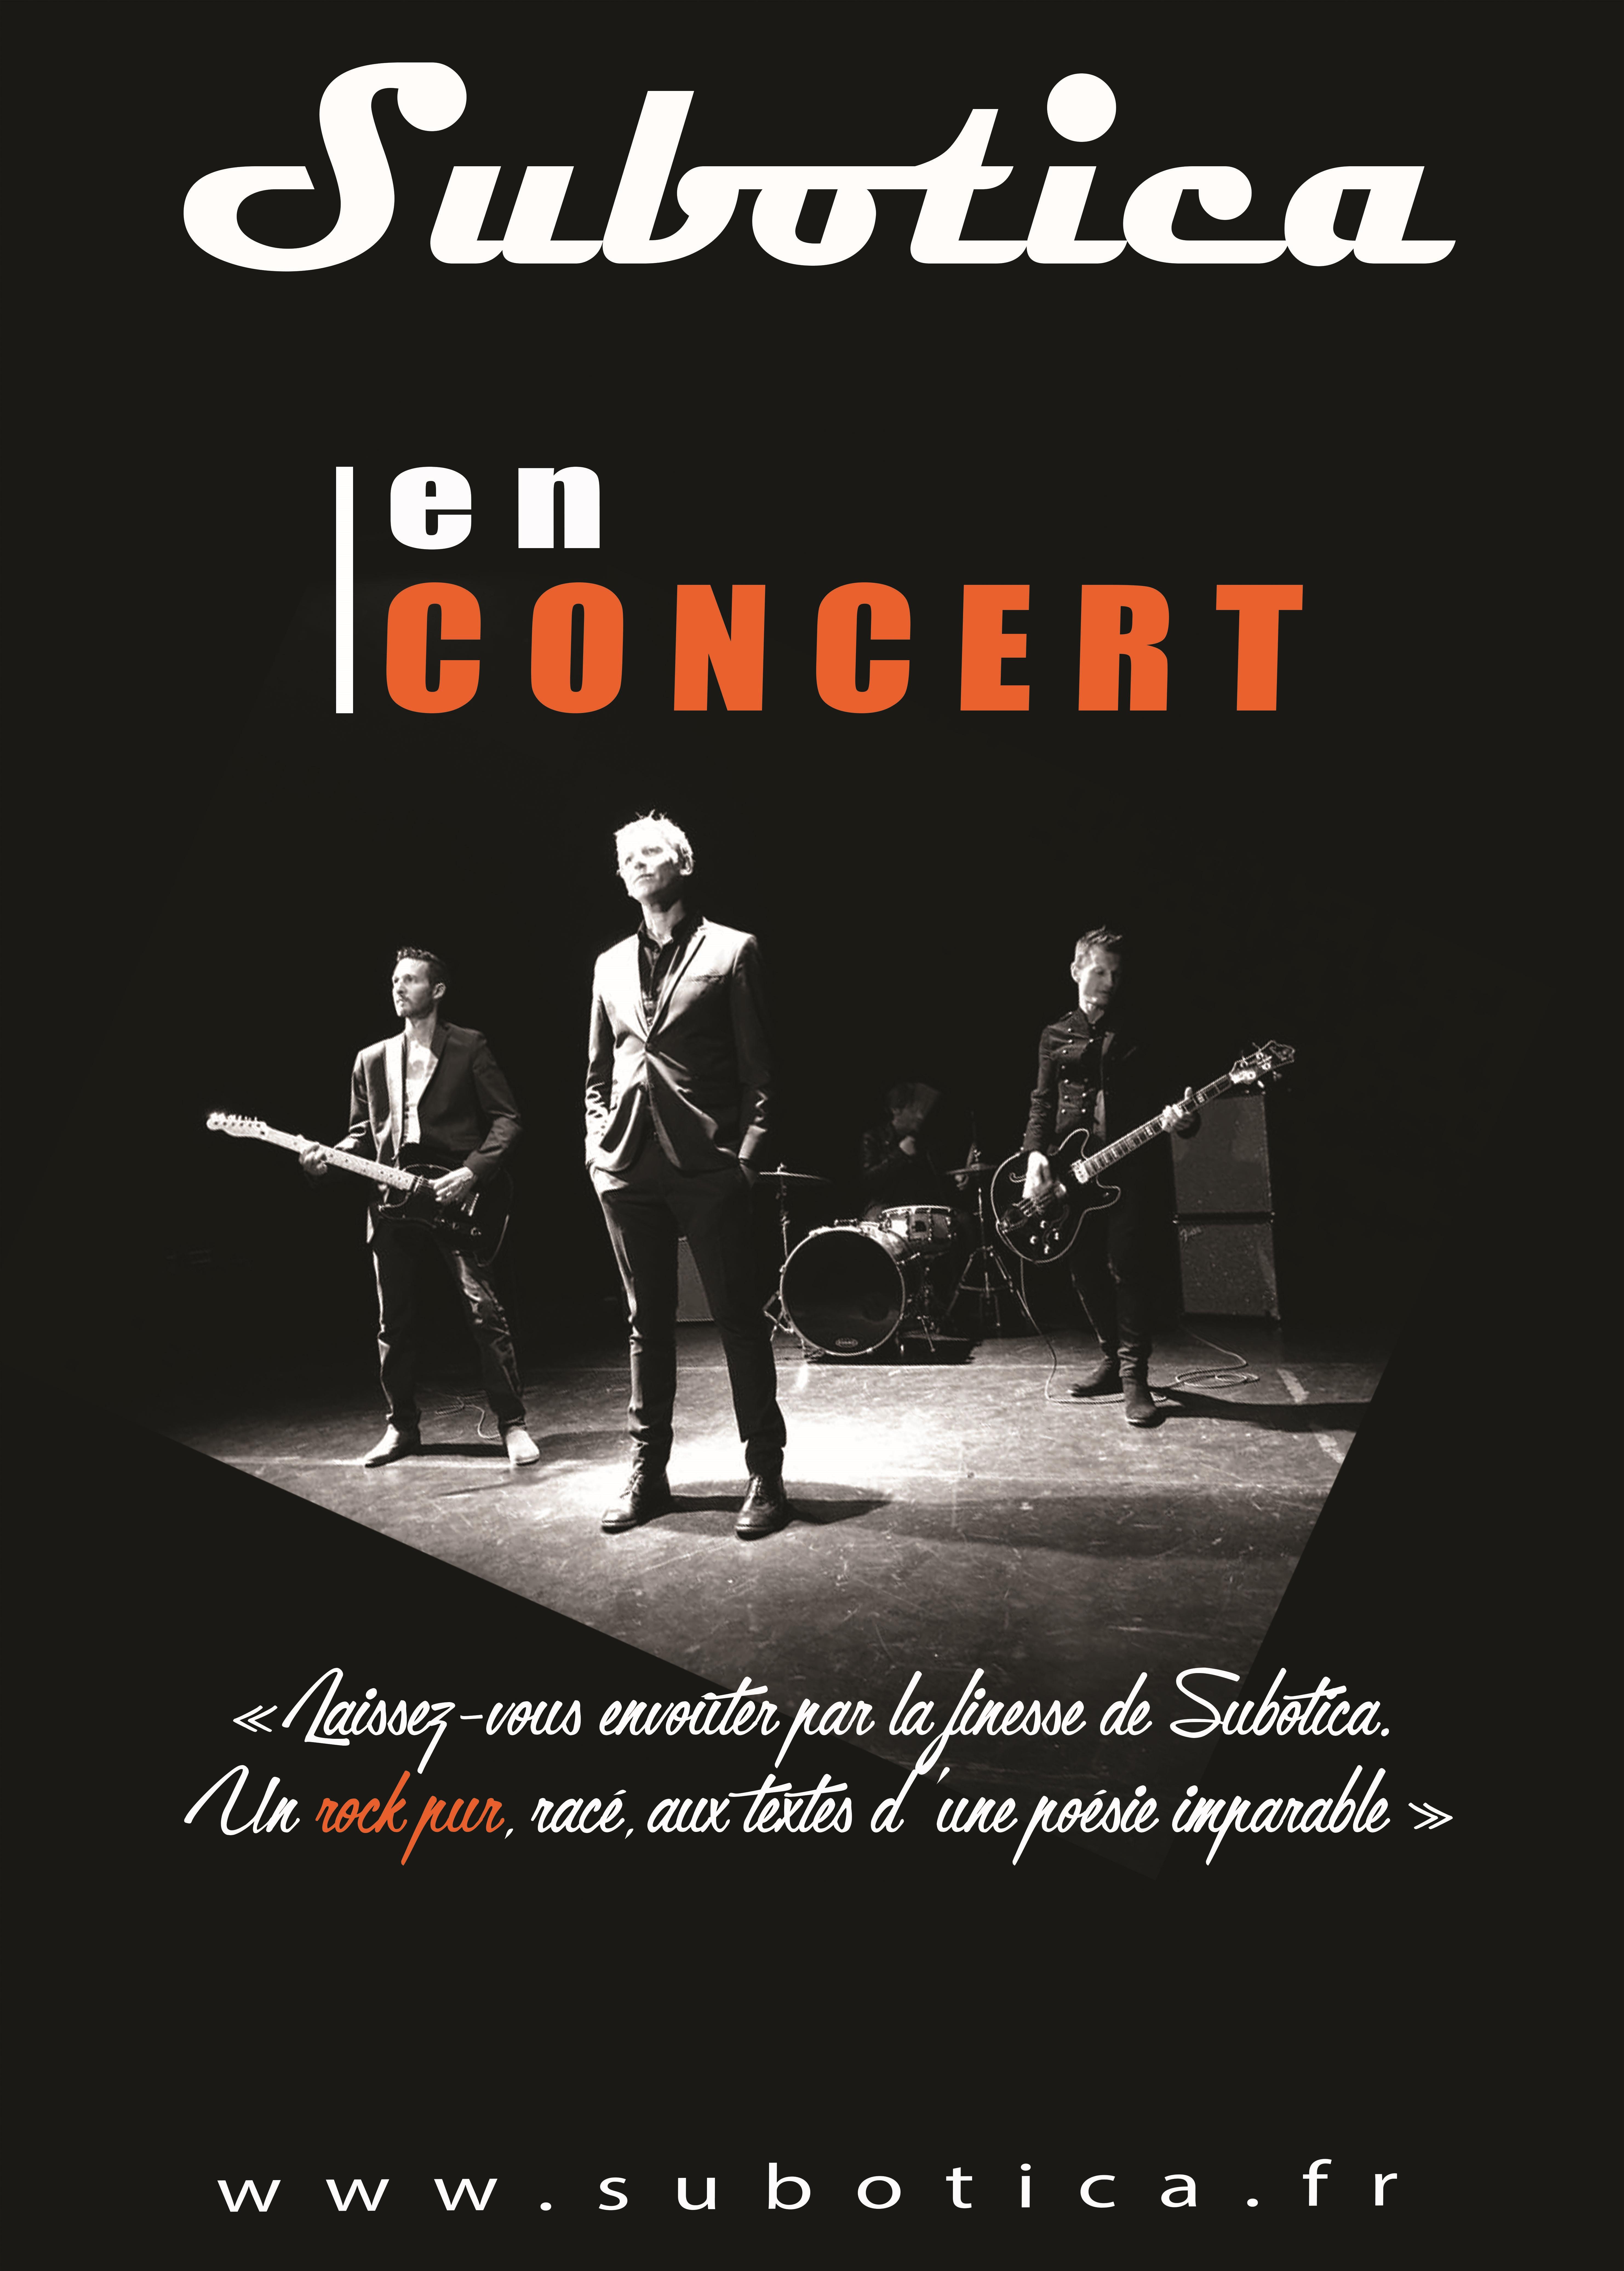 téléchargez l'affiche de concert !